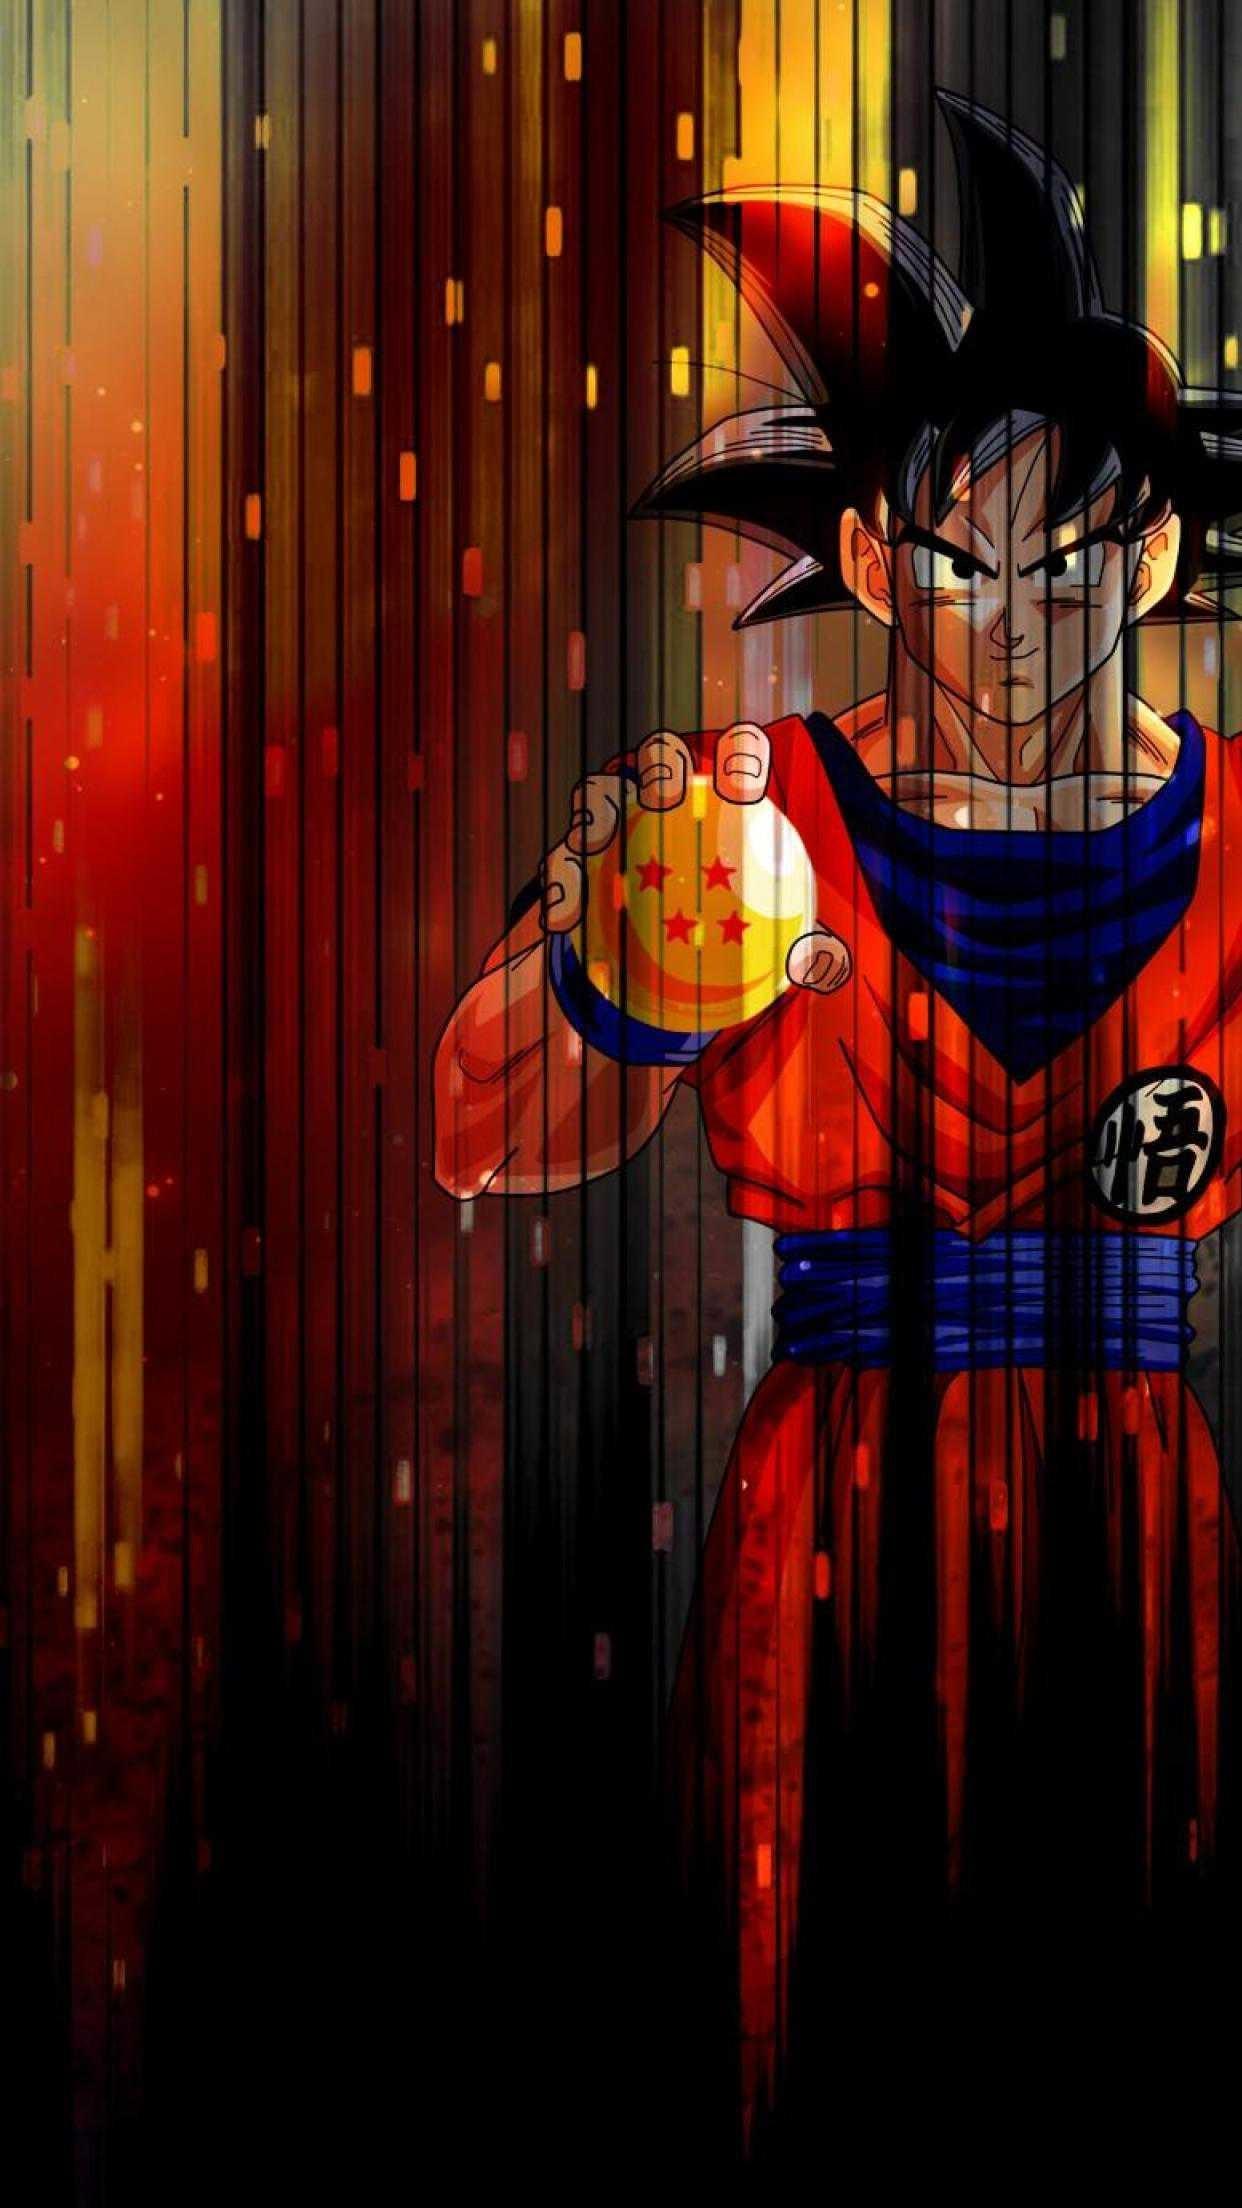 Dragon ball z mobile wallpaper